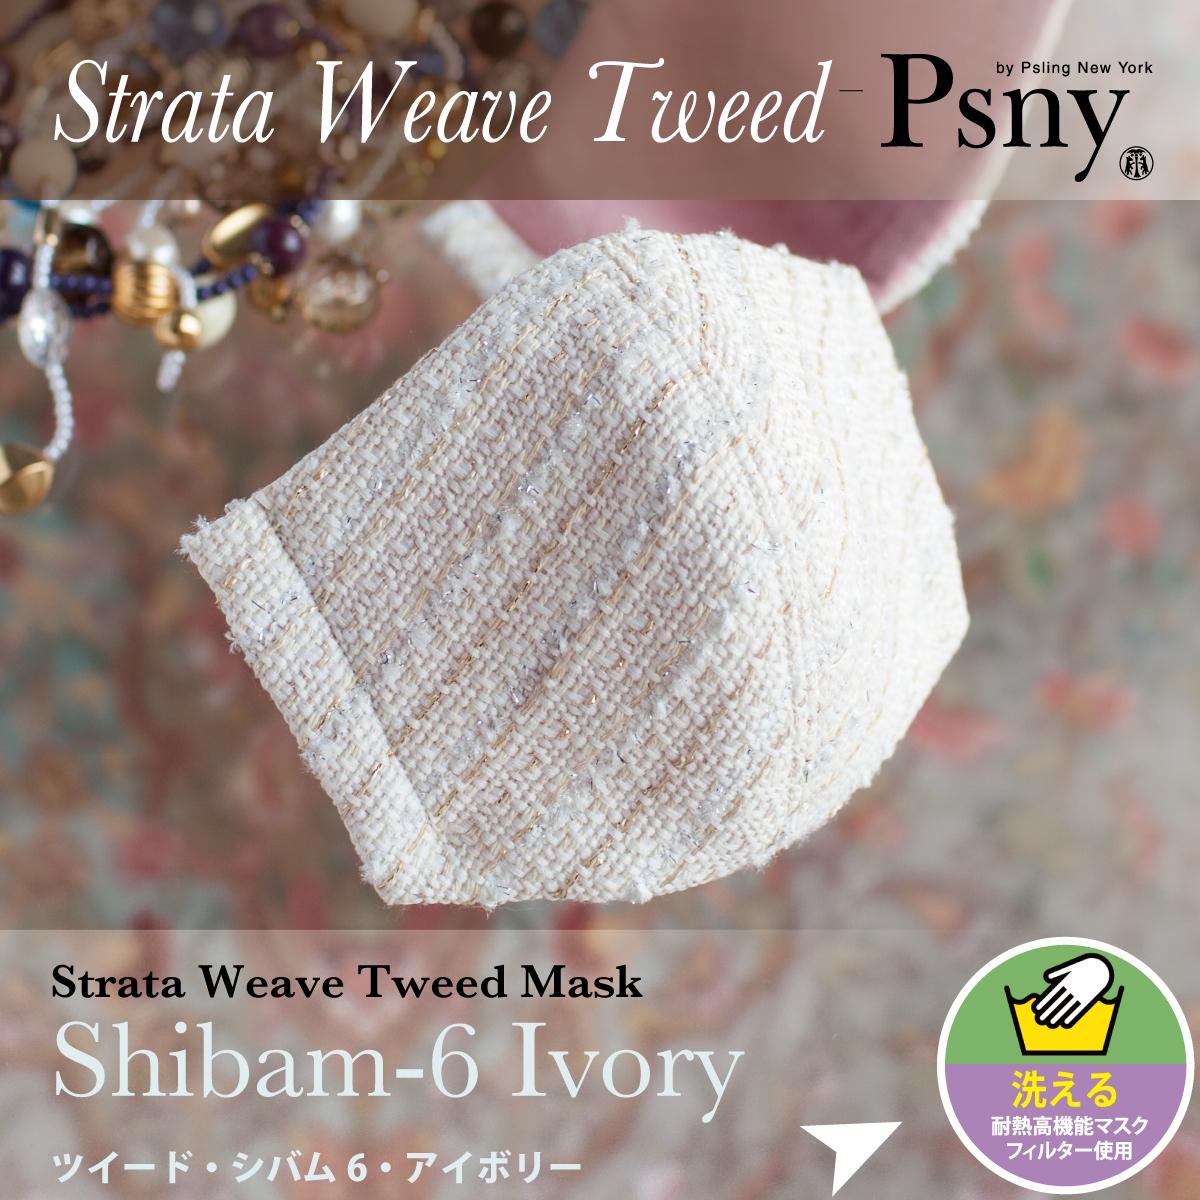 PSNY ツイード ストラータ シバム6 アイボリー フィルター 立体マスク 花粉 大人用 高級 保温 保湿 冬マスク 美人 おしゃれ